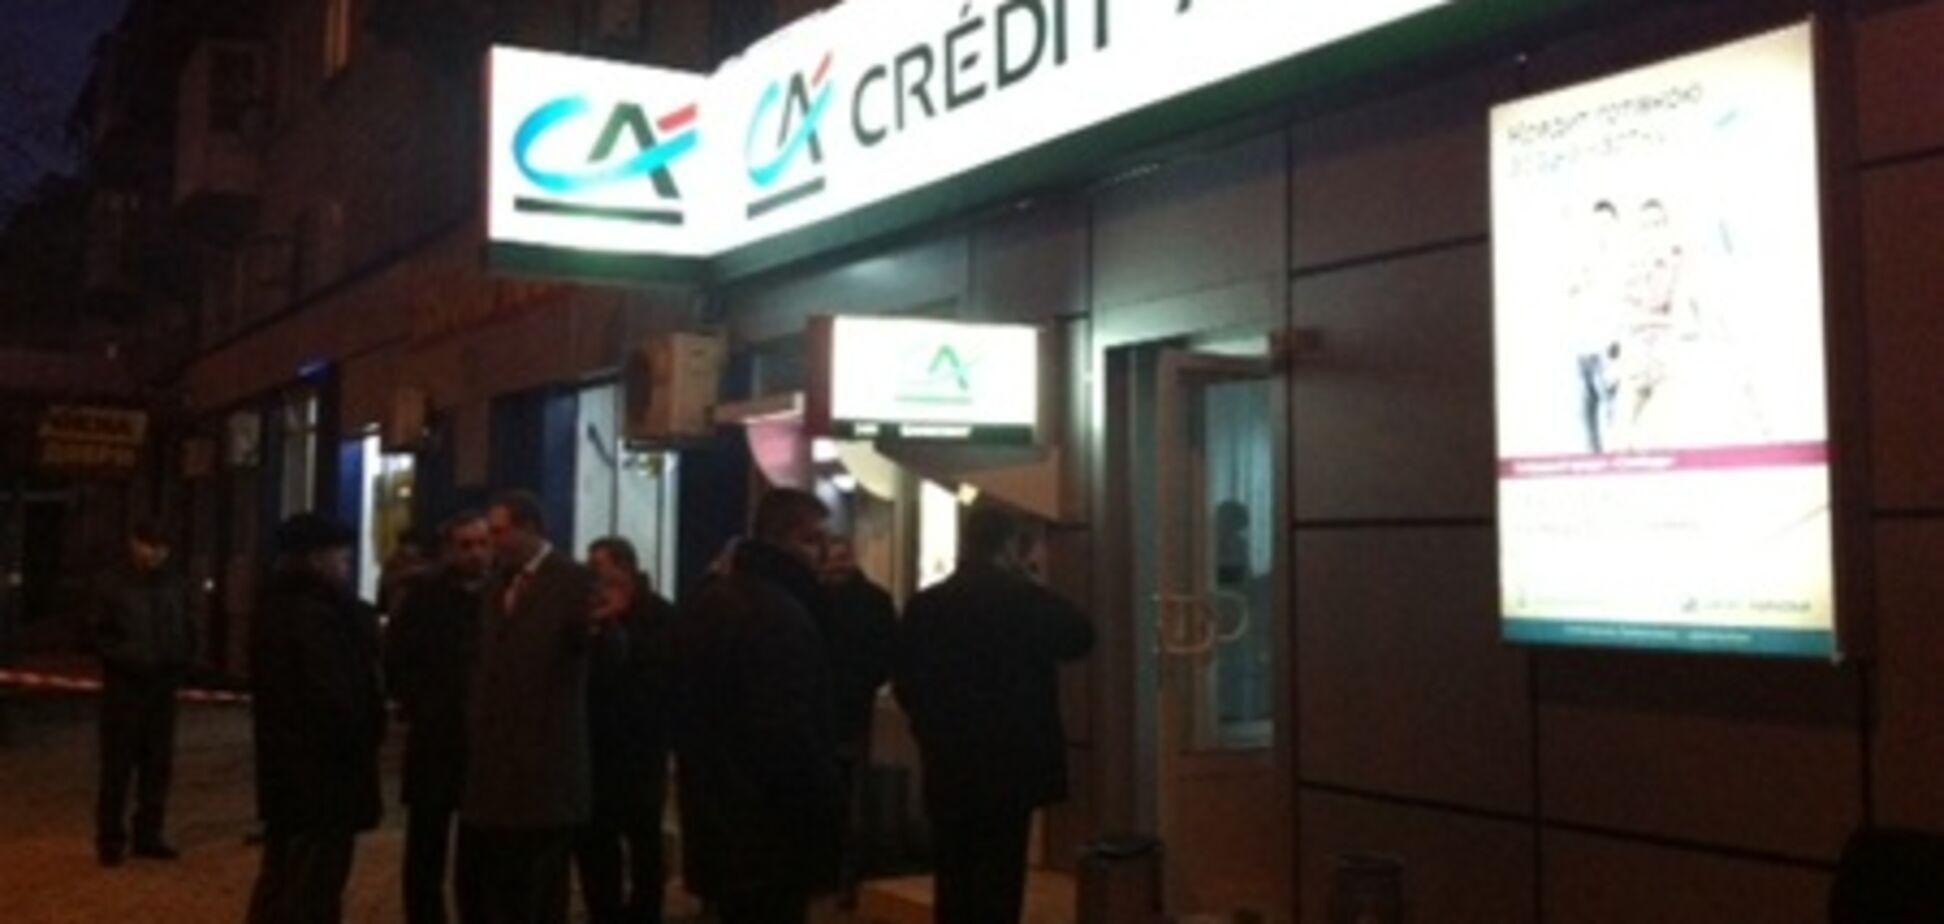 Раненый во время налета на банк в Донецке все еще в тяжелом состоянии